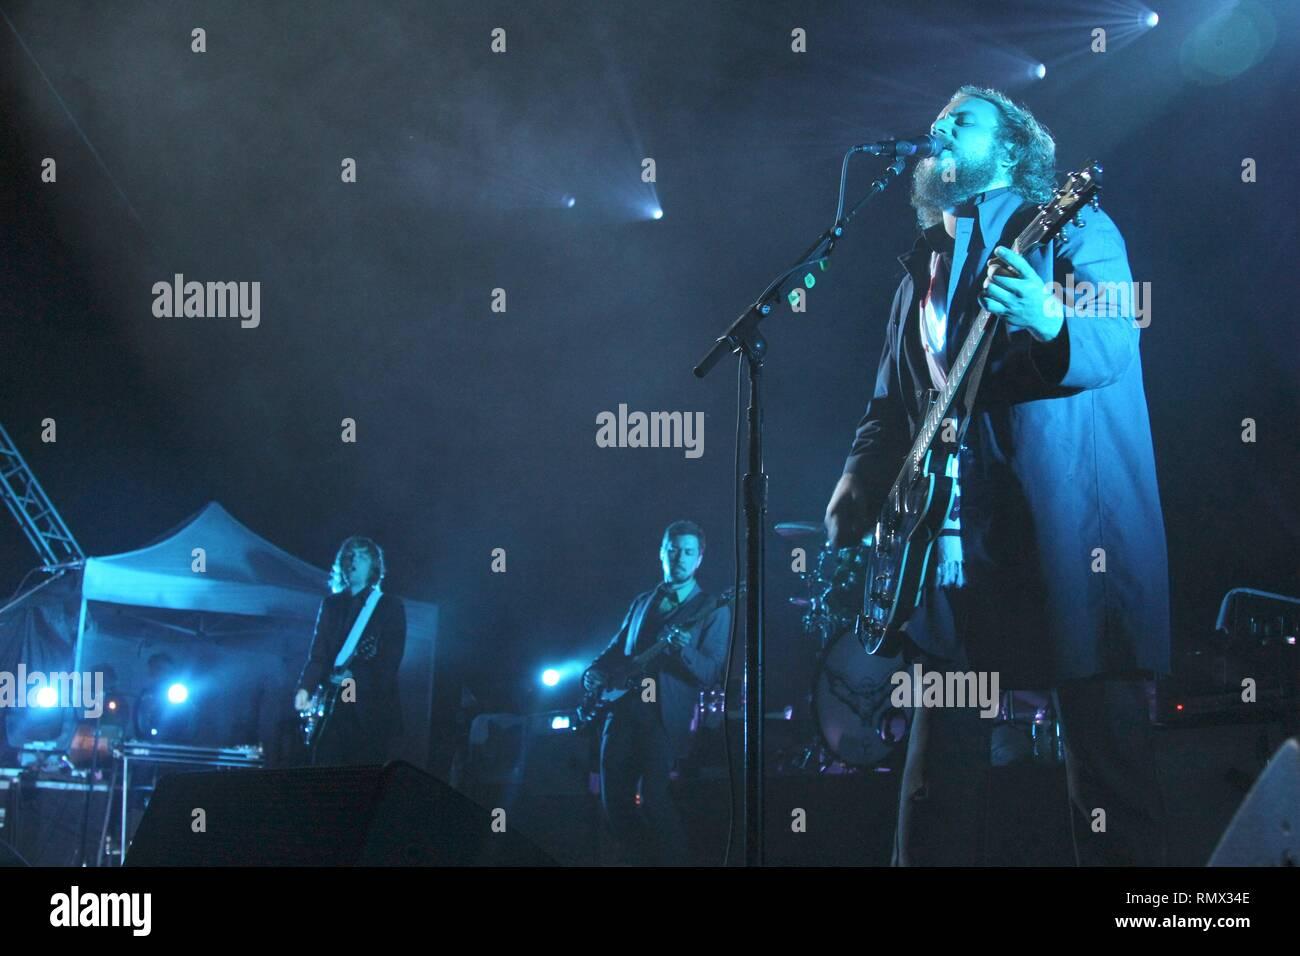 Concert Photo Stock Photos & Concert Photo Stock Images - Alamy